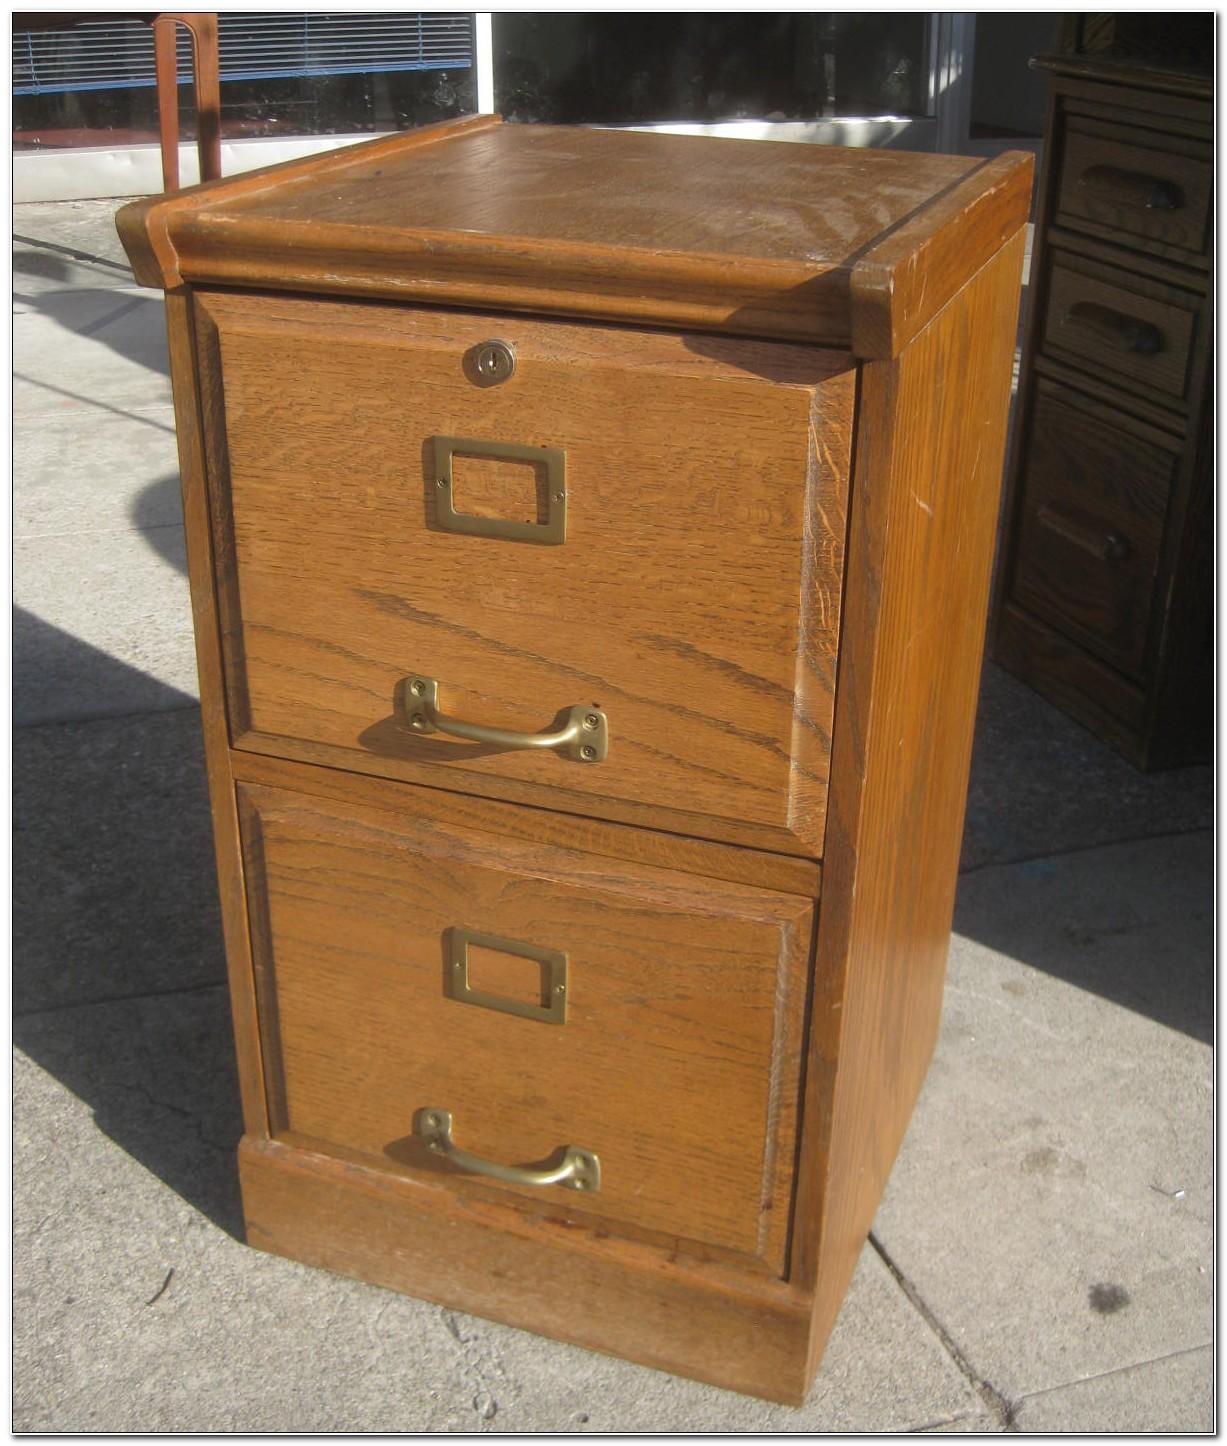 2 Drawer Locking File Cabinet In Wood